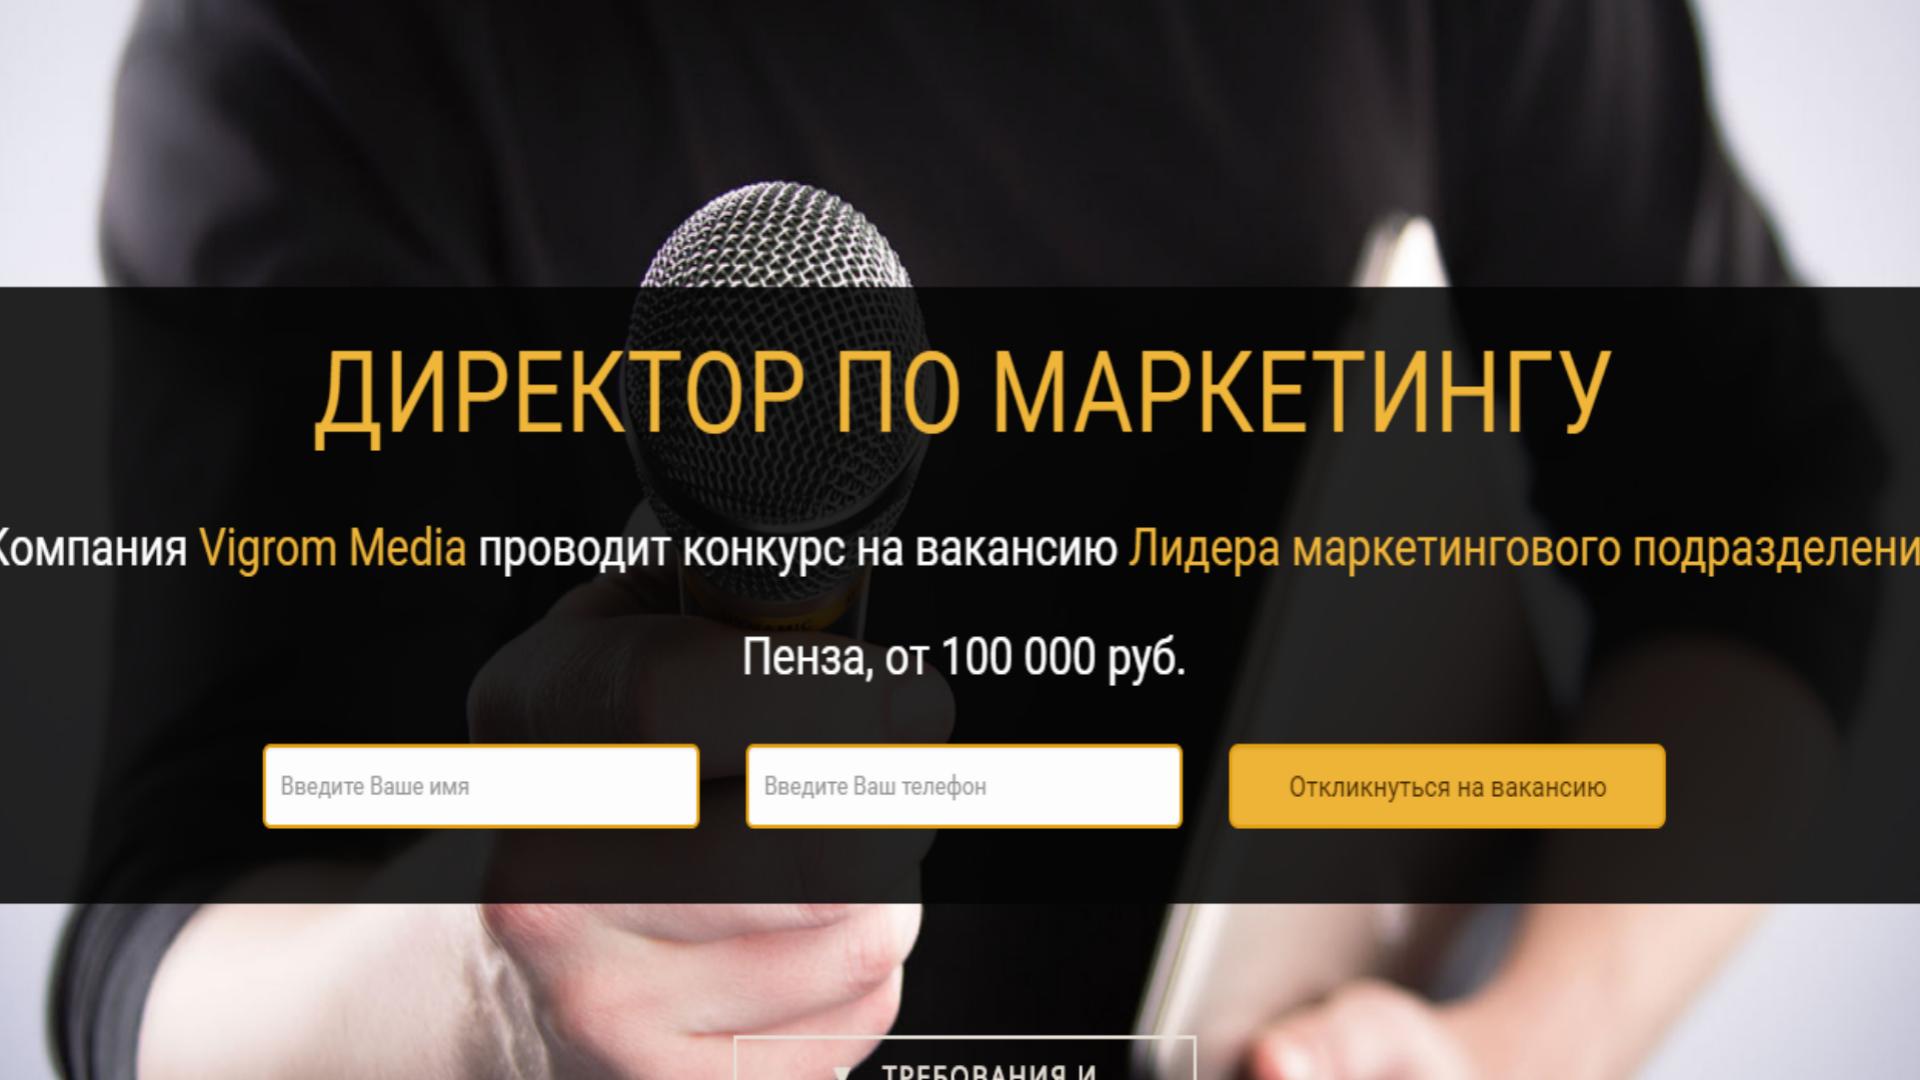 Как проводить конкурс на сайте